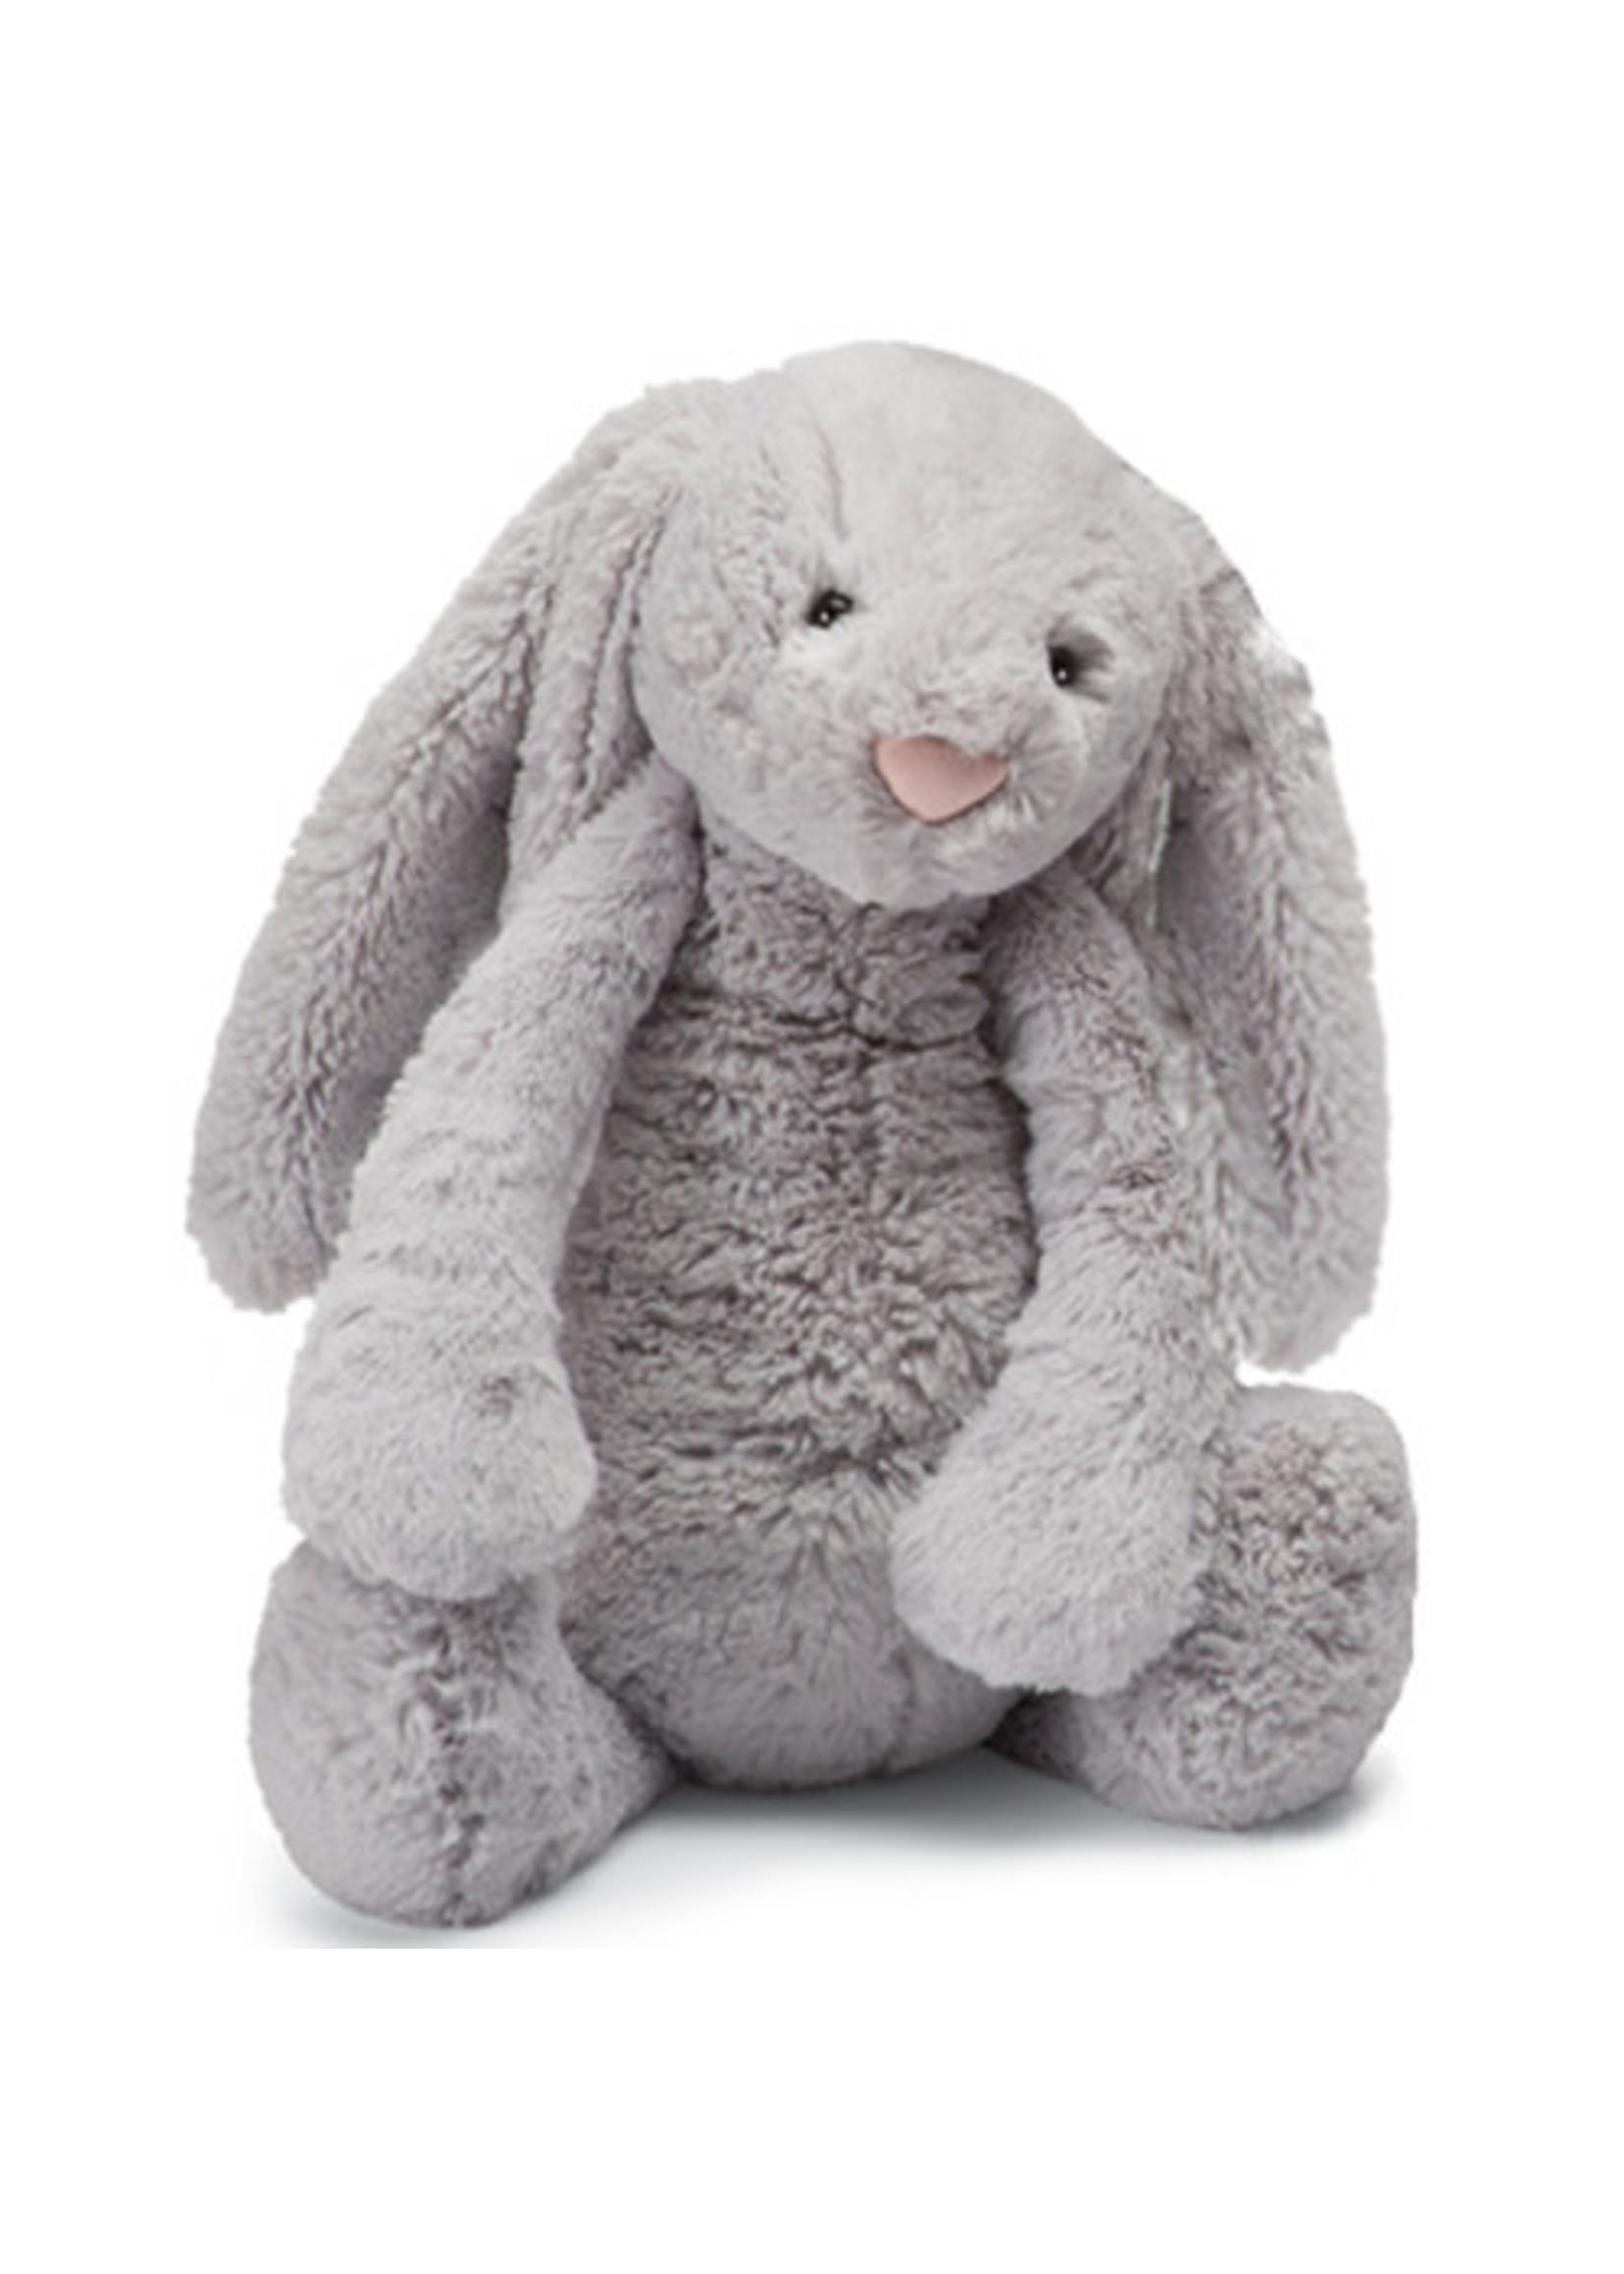 Jellycat JC Large Bashful Grey Bunny